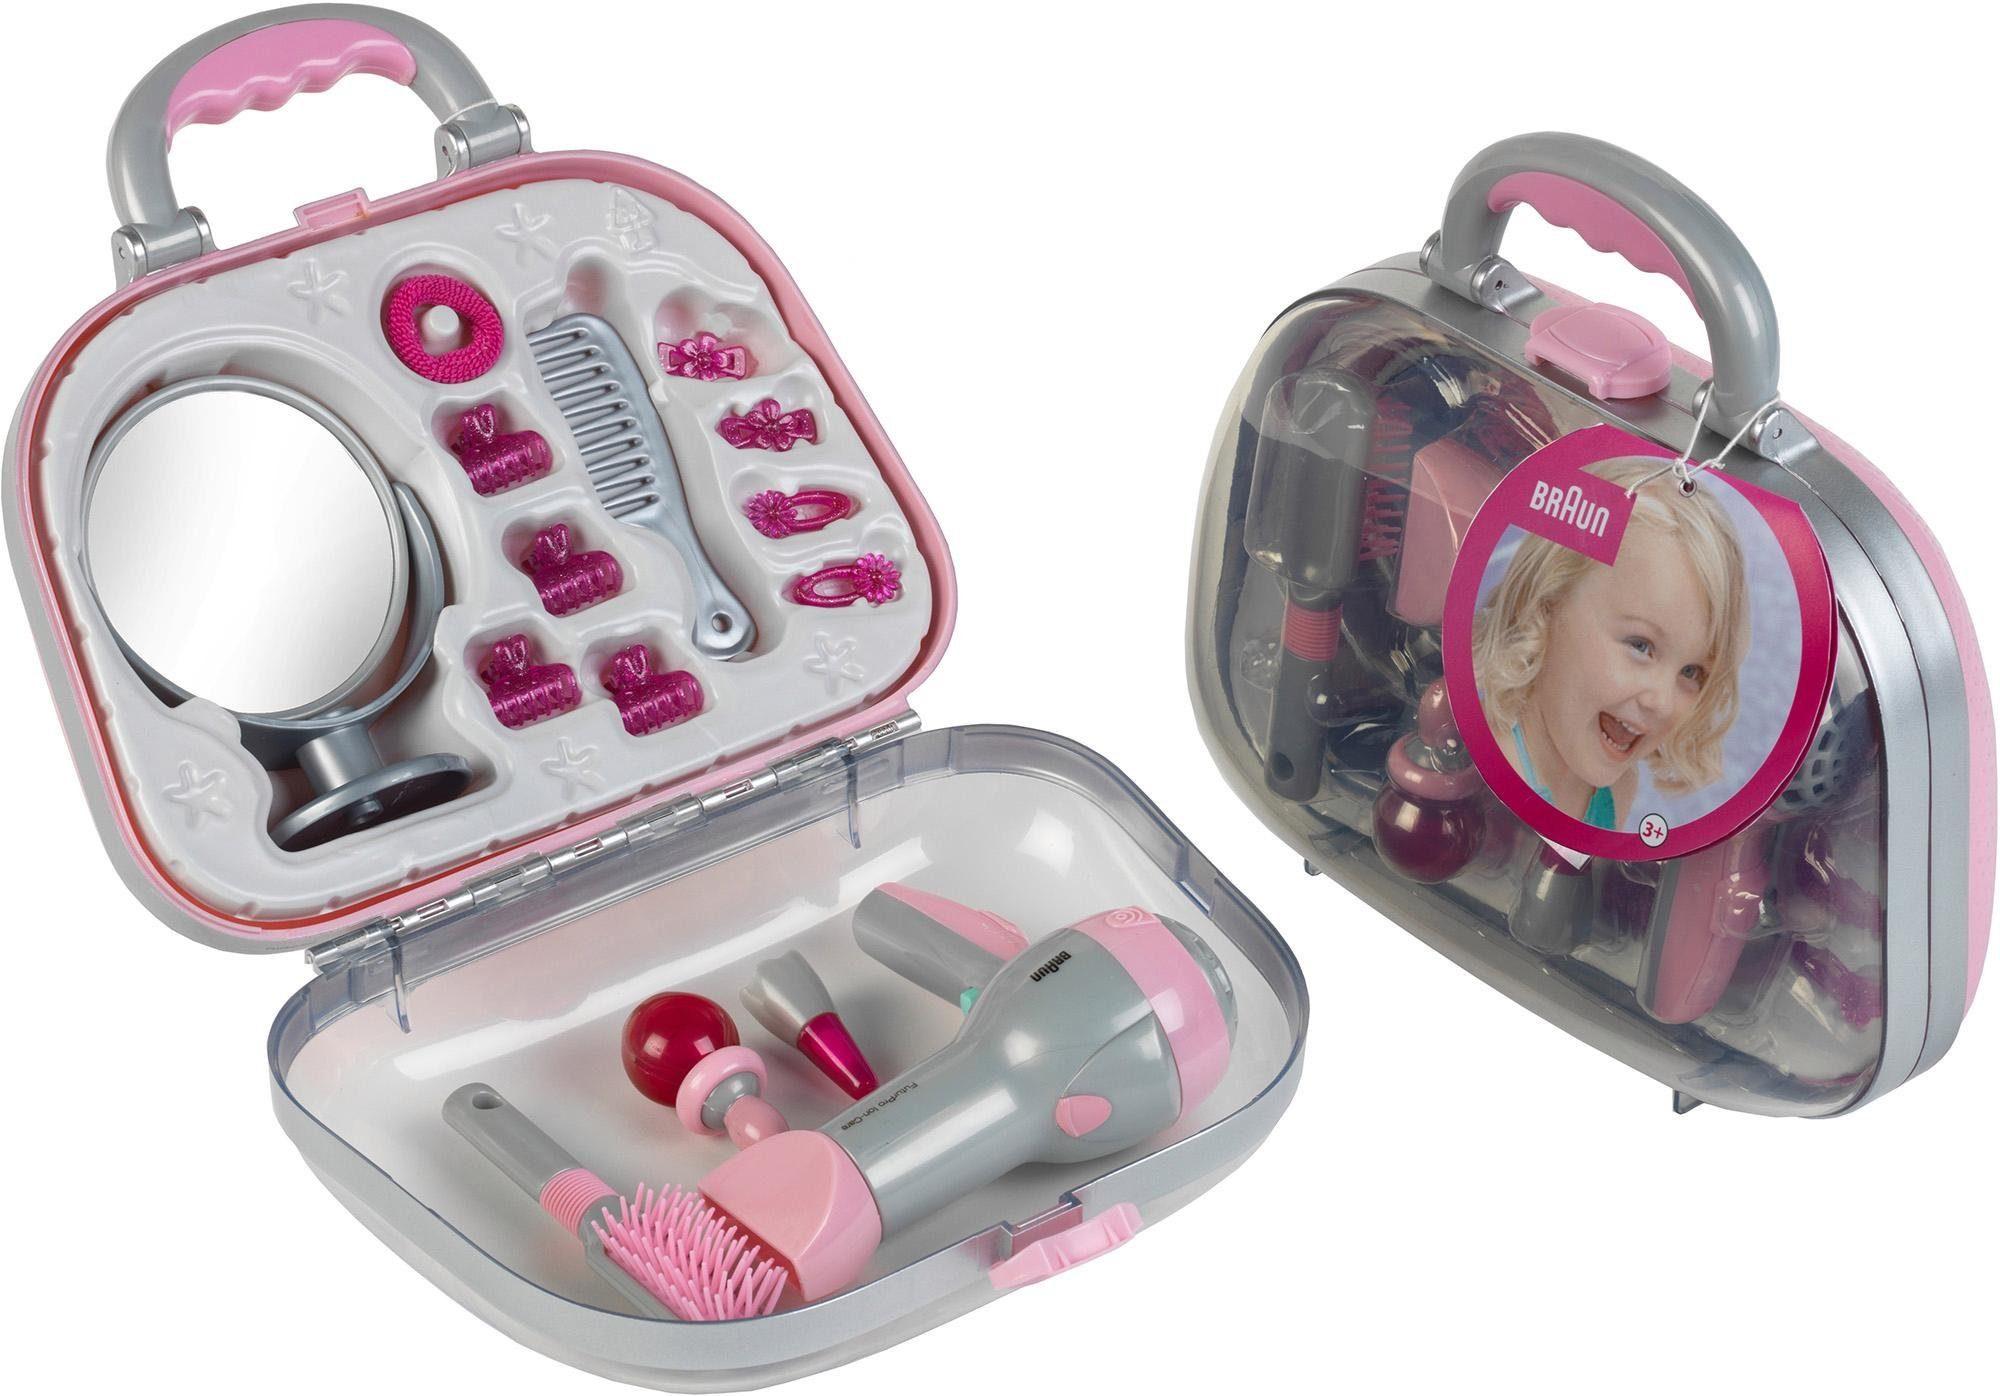 Klein Spielzeug-Frisierkoffer Koffer mit Braun Fön und Zubehör grau Kinder Kinderkosmetik -schmuck Basteln, Malen, Kosmetik Schmuck Rollenspielzeug